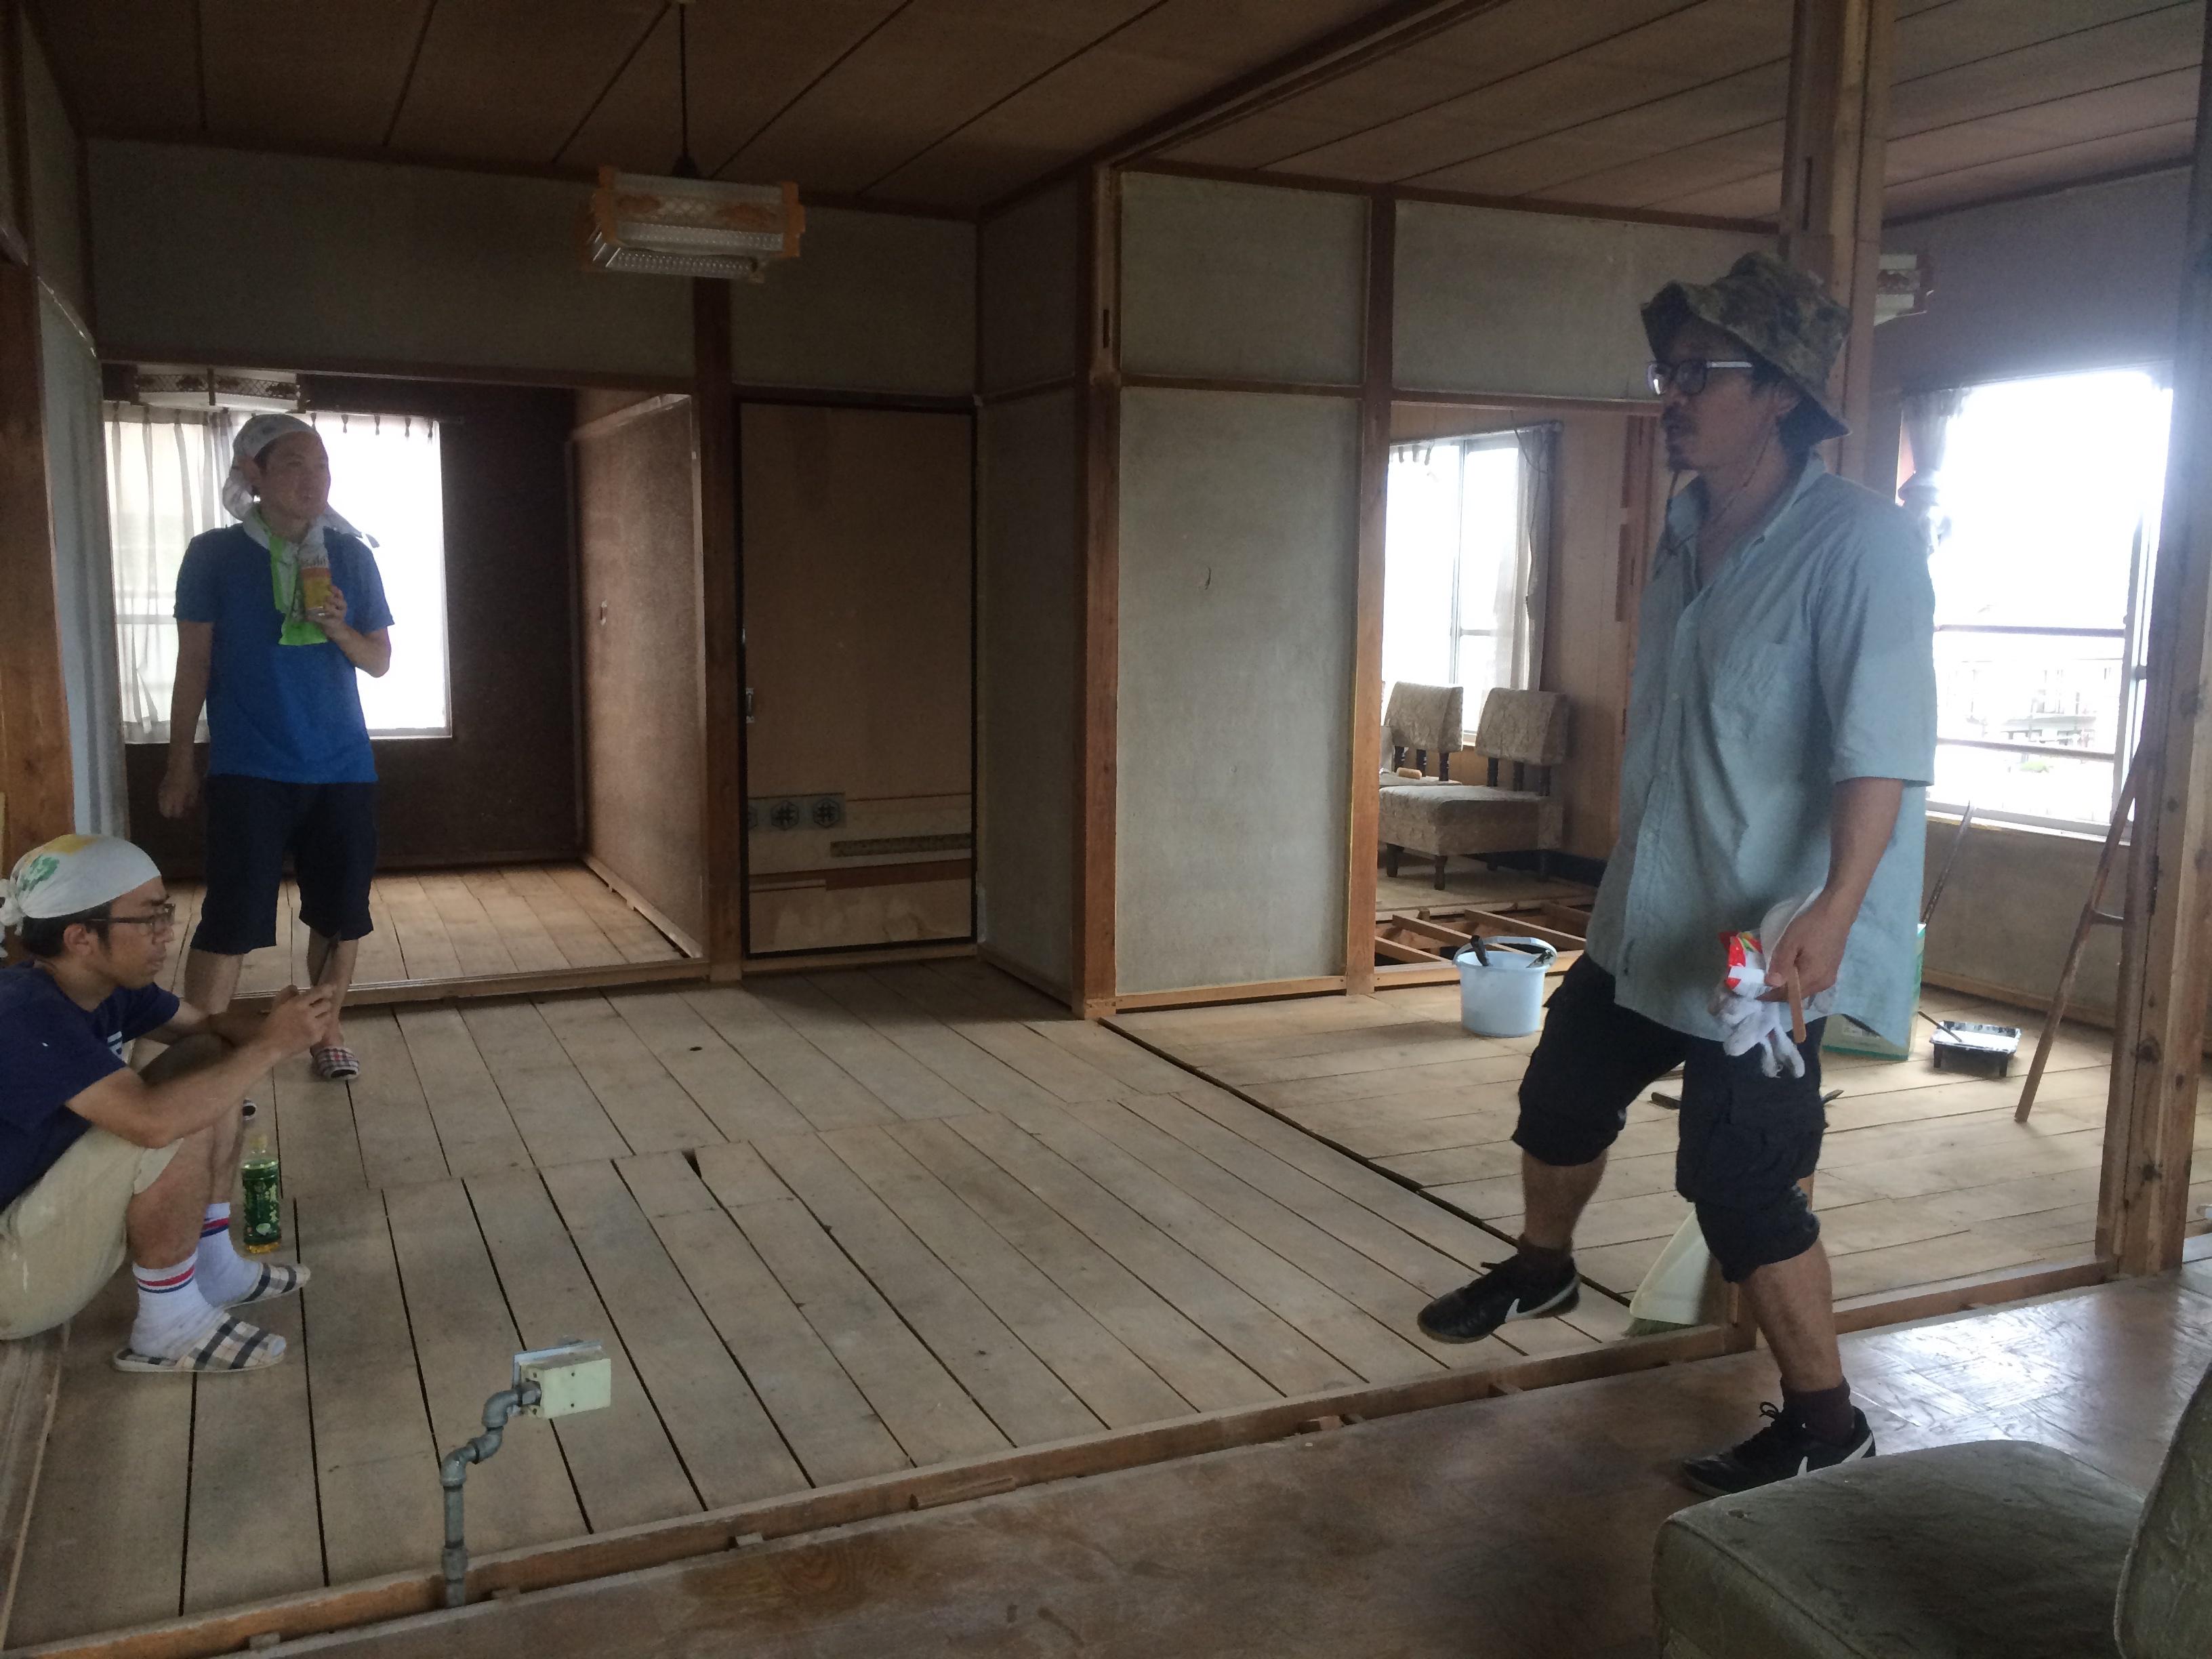 畳とゴミがなくなると、室内の湿っていた空気が晴れてスッキリしました!